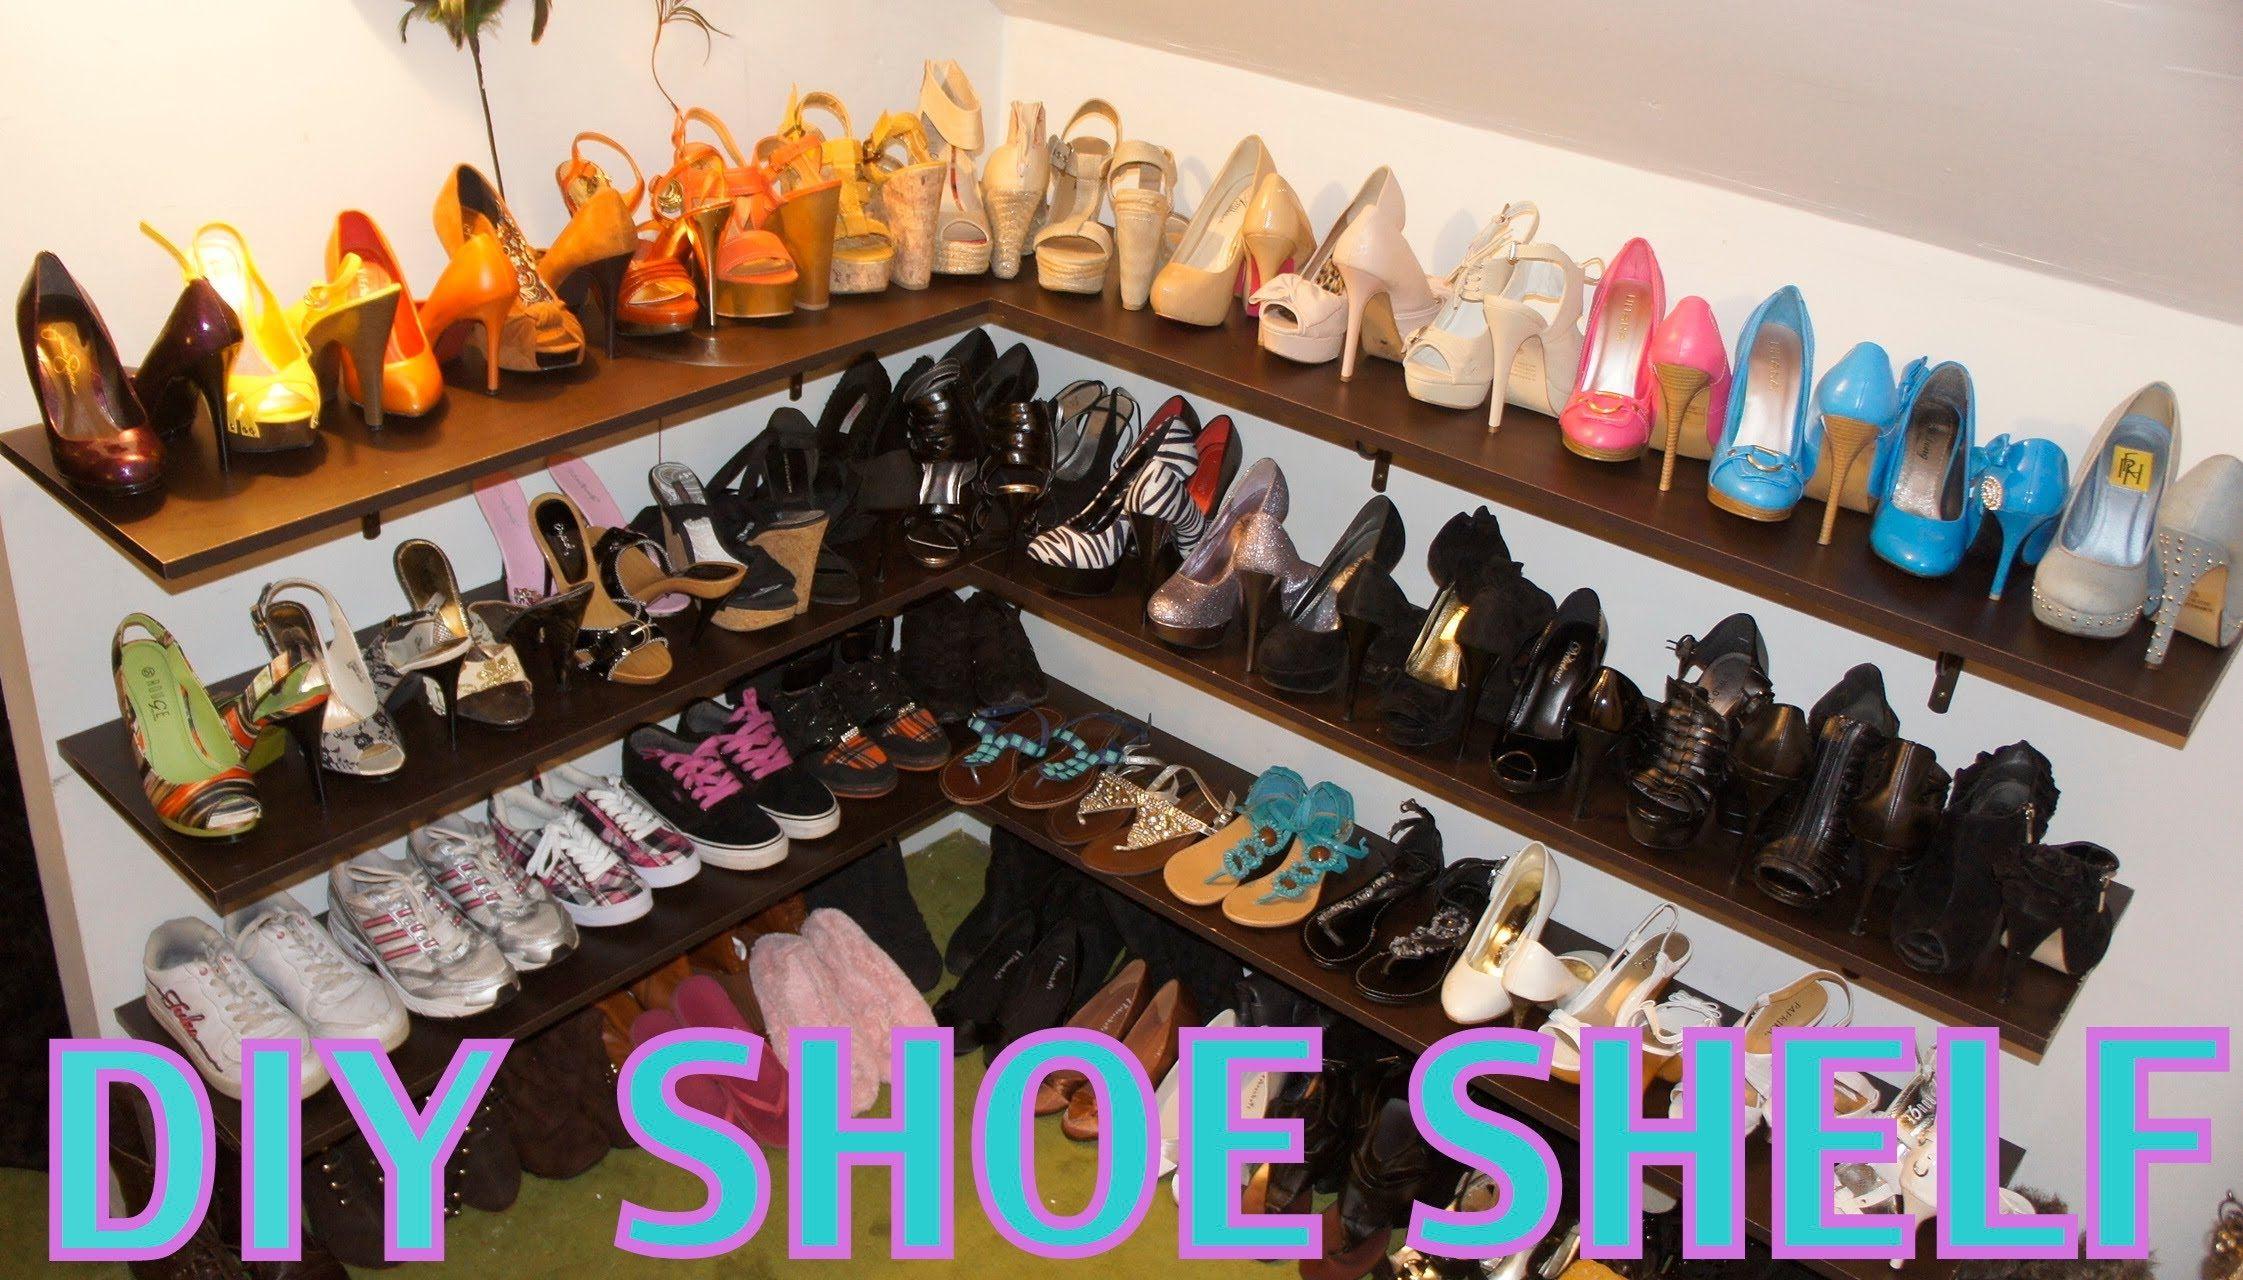 Diy shoe shelf and organization shoe shelf diy shoe shelf